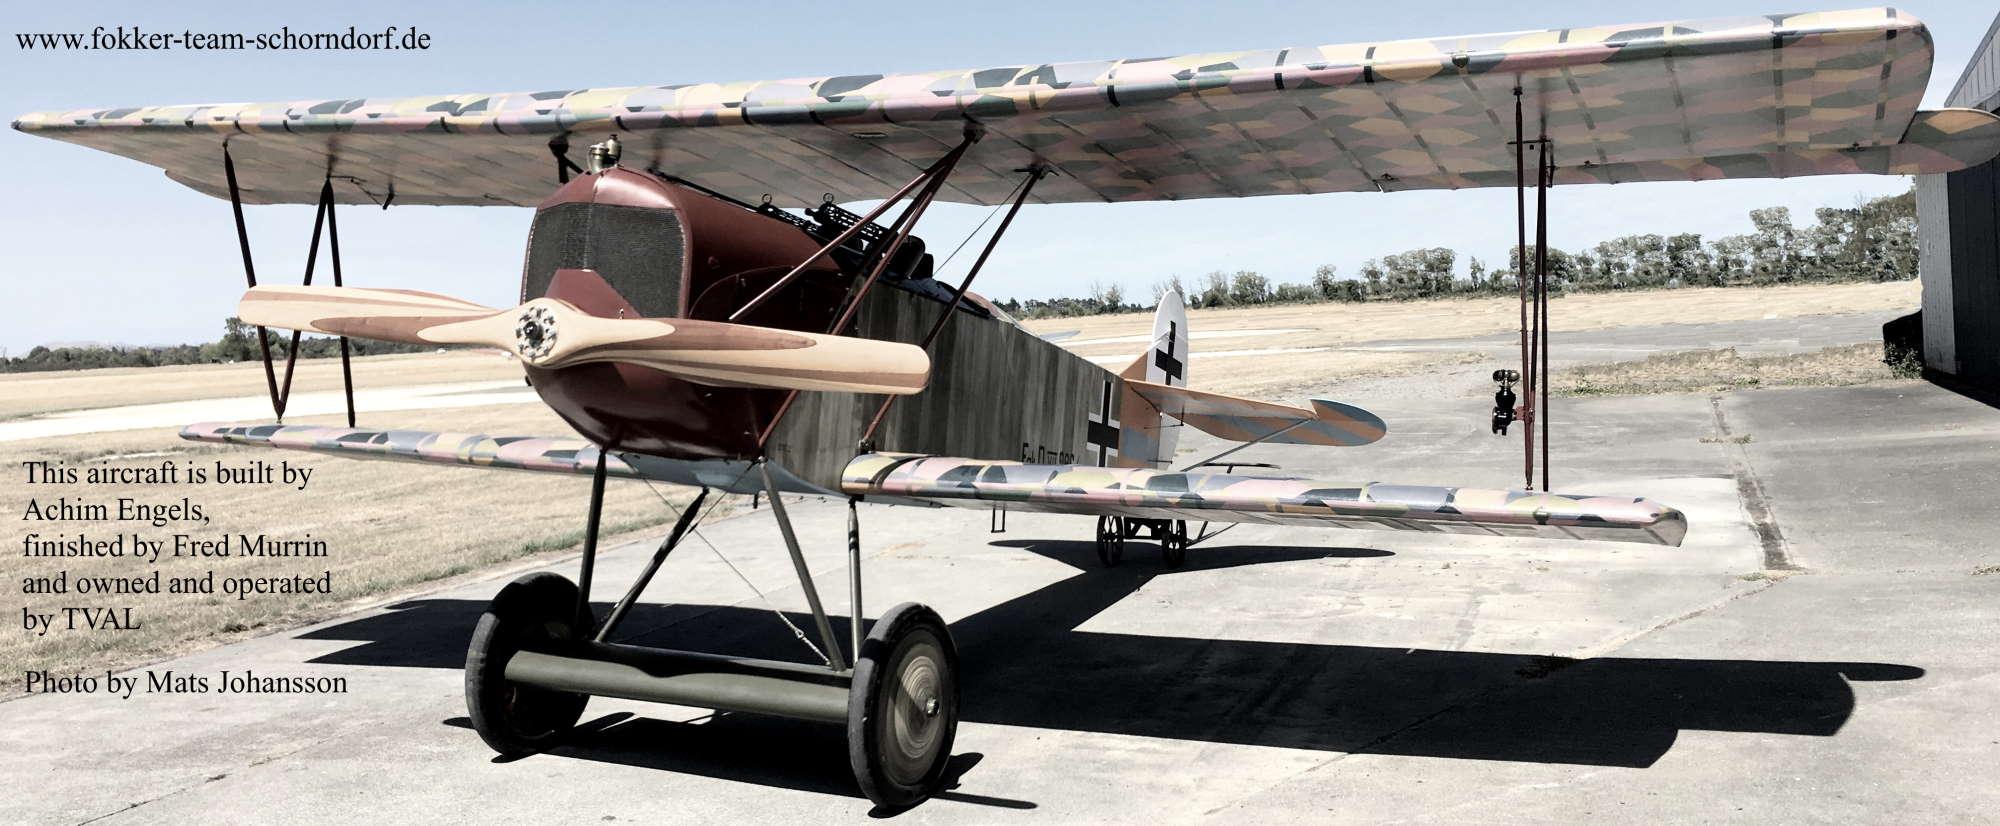 Bau von Flügelrippen der D.VIII